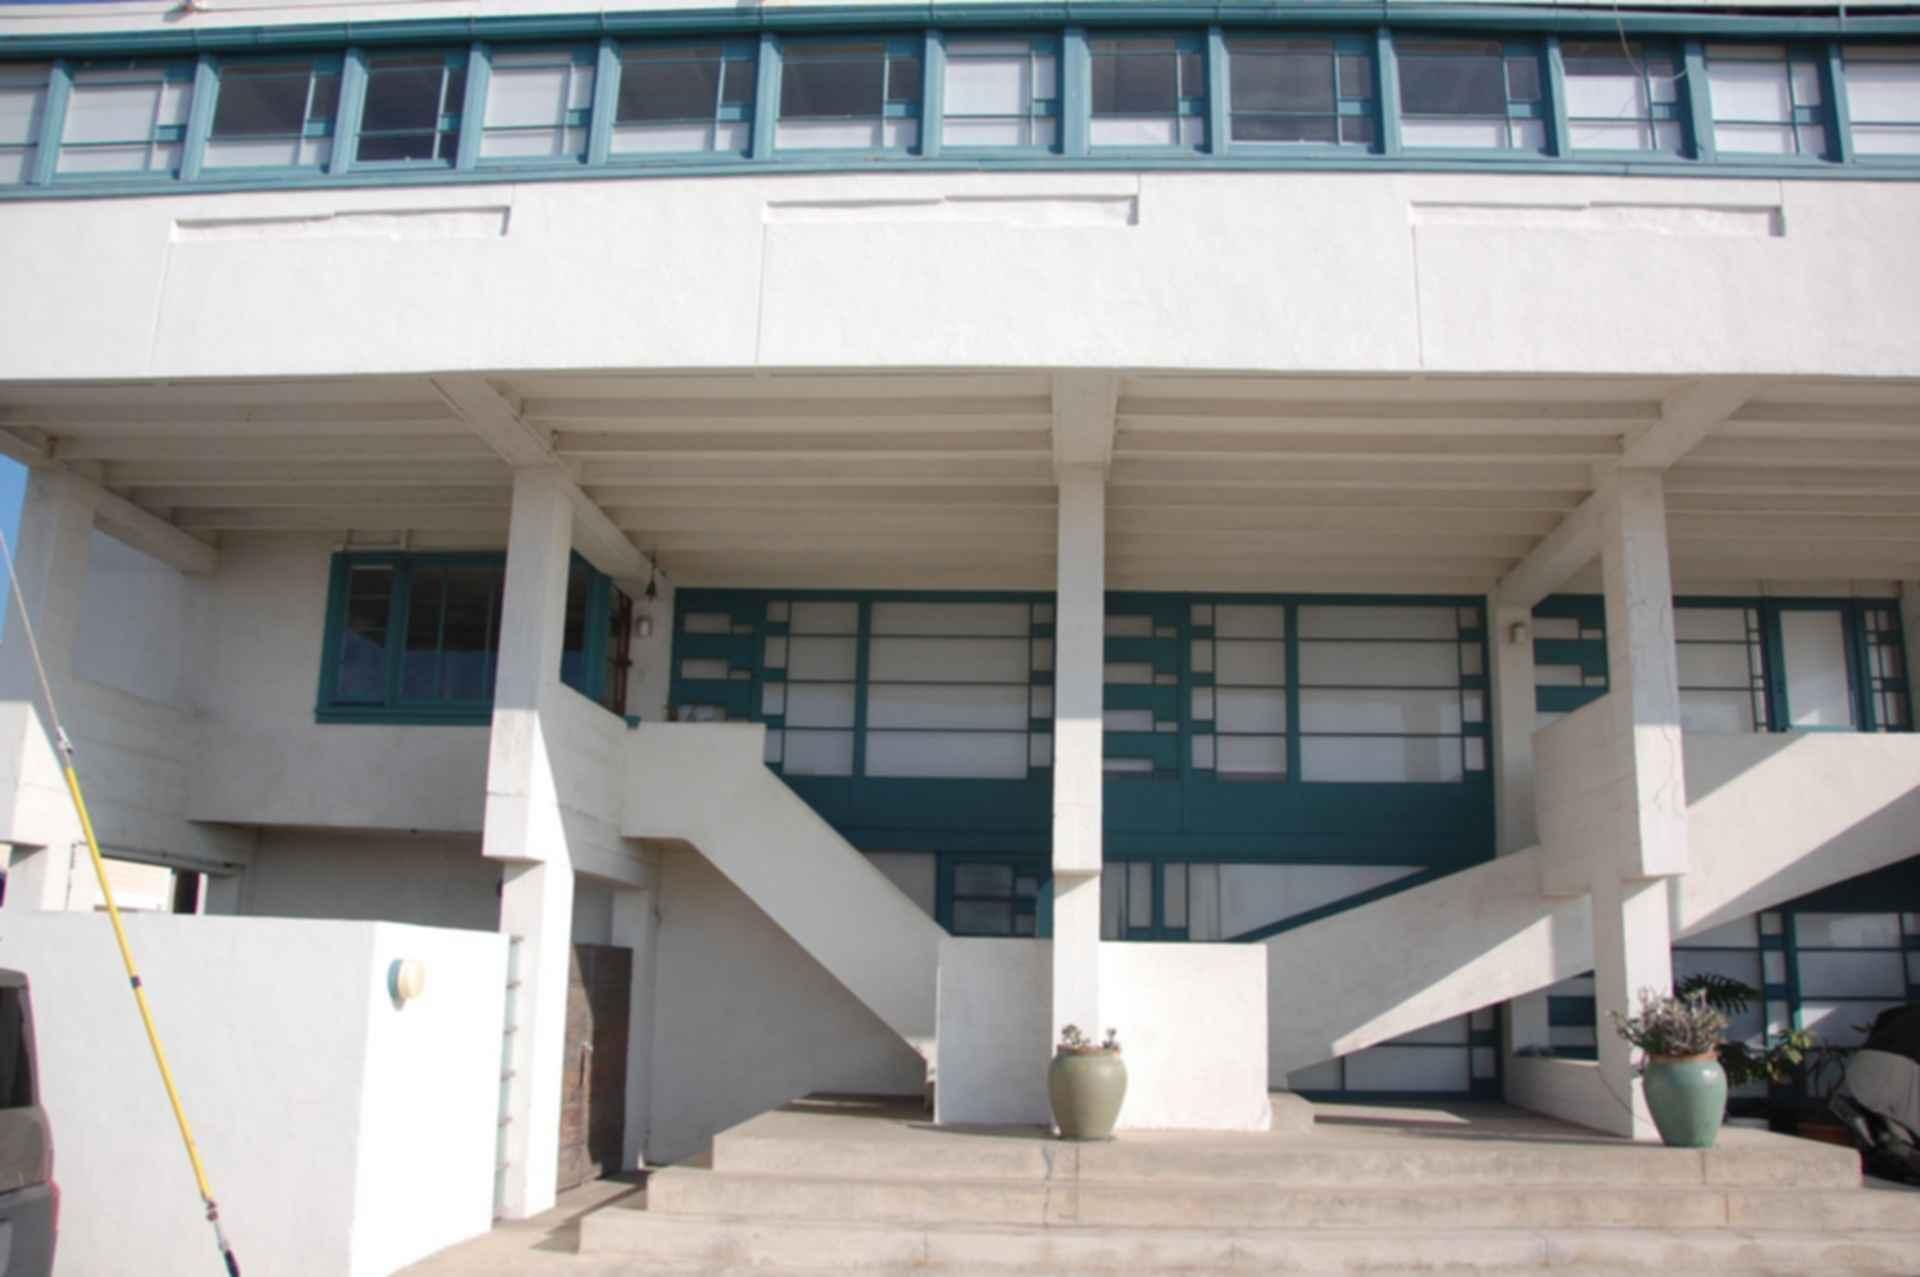 Lovell Beach House - Exterior/Street View